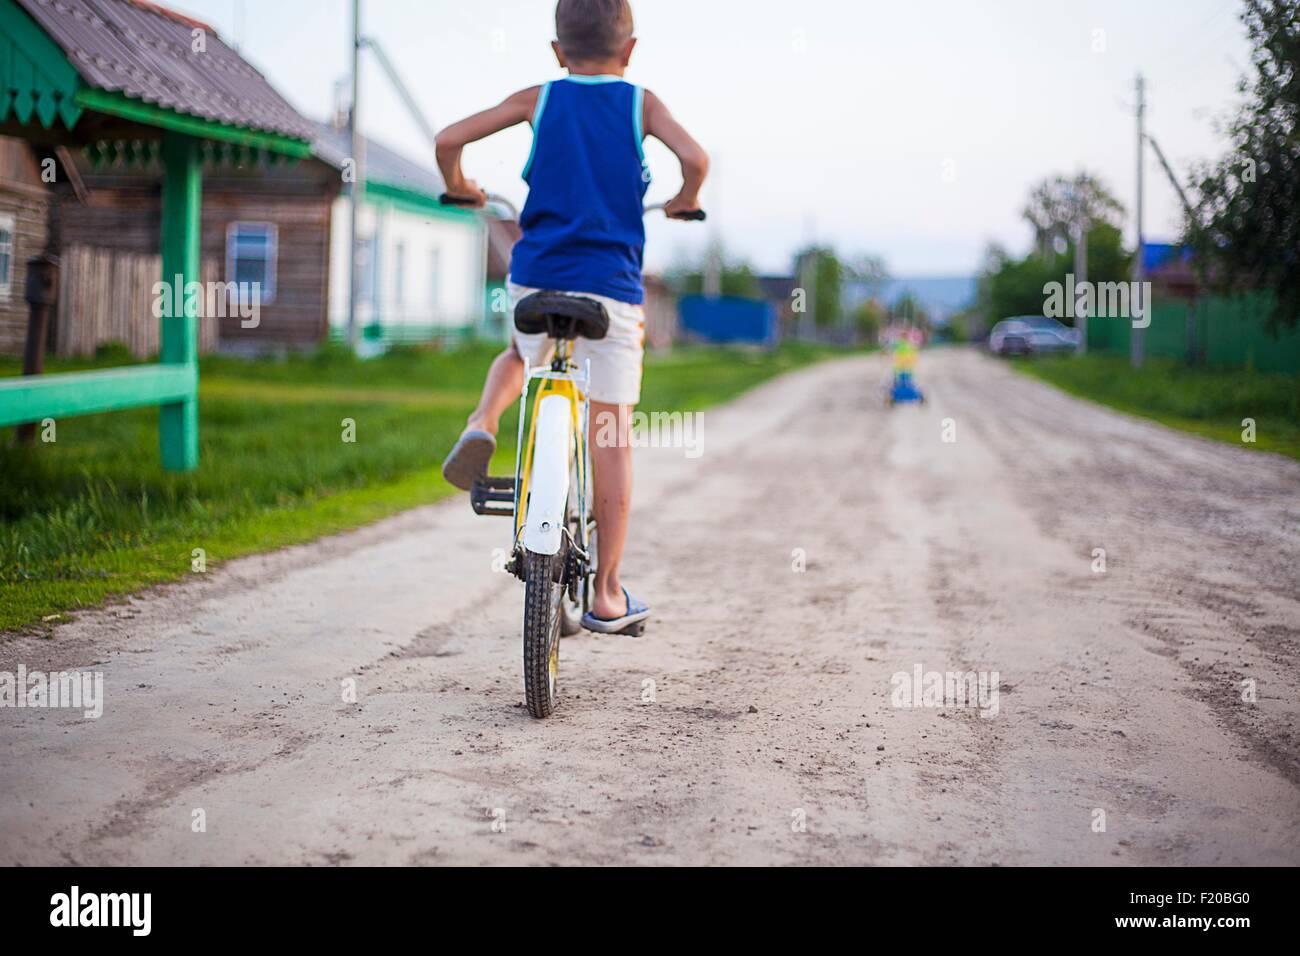 Jeune garçon, équitation, vélo le long chemin de terre, vue arrière Photo Stock